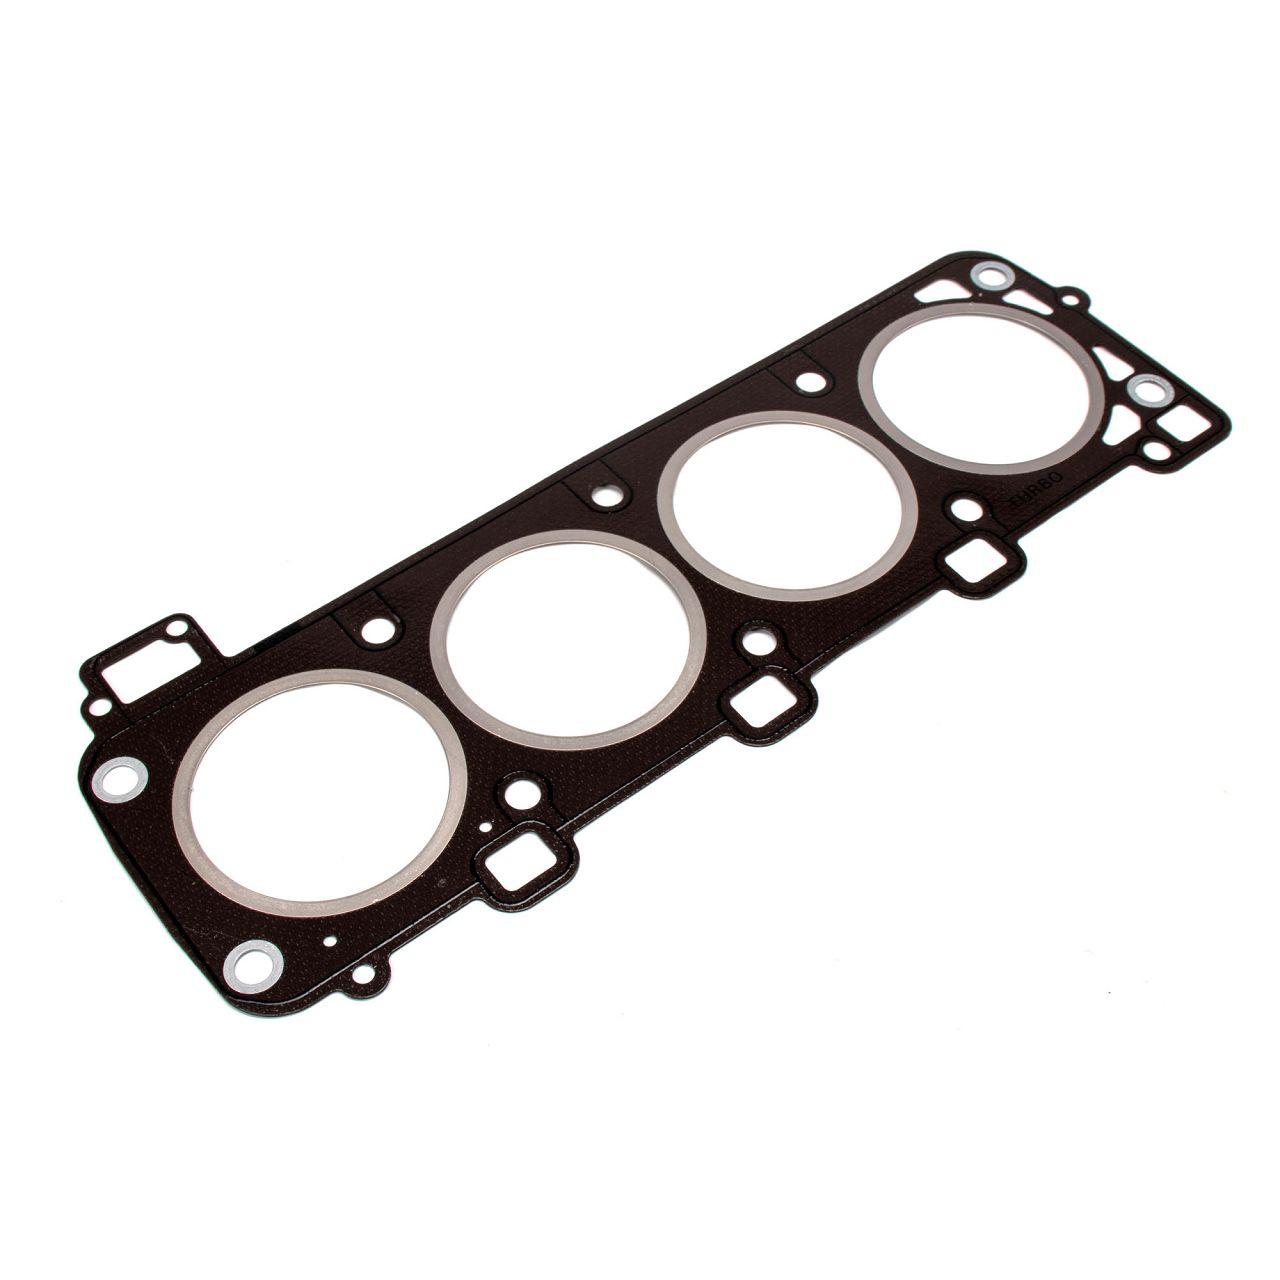 Zylinderkopfdichtung für PORSCHE 924 2.5 S + 944 2.5 / S / Turbo 951104374 CUP